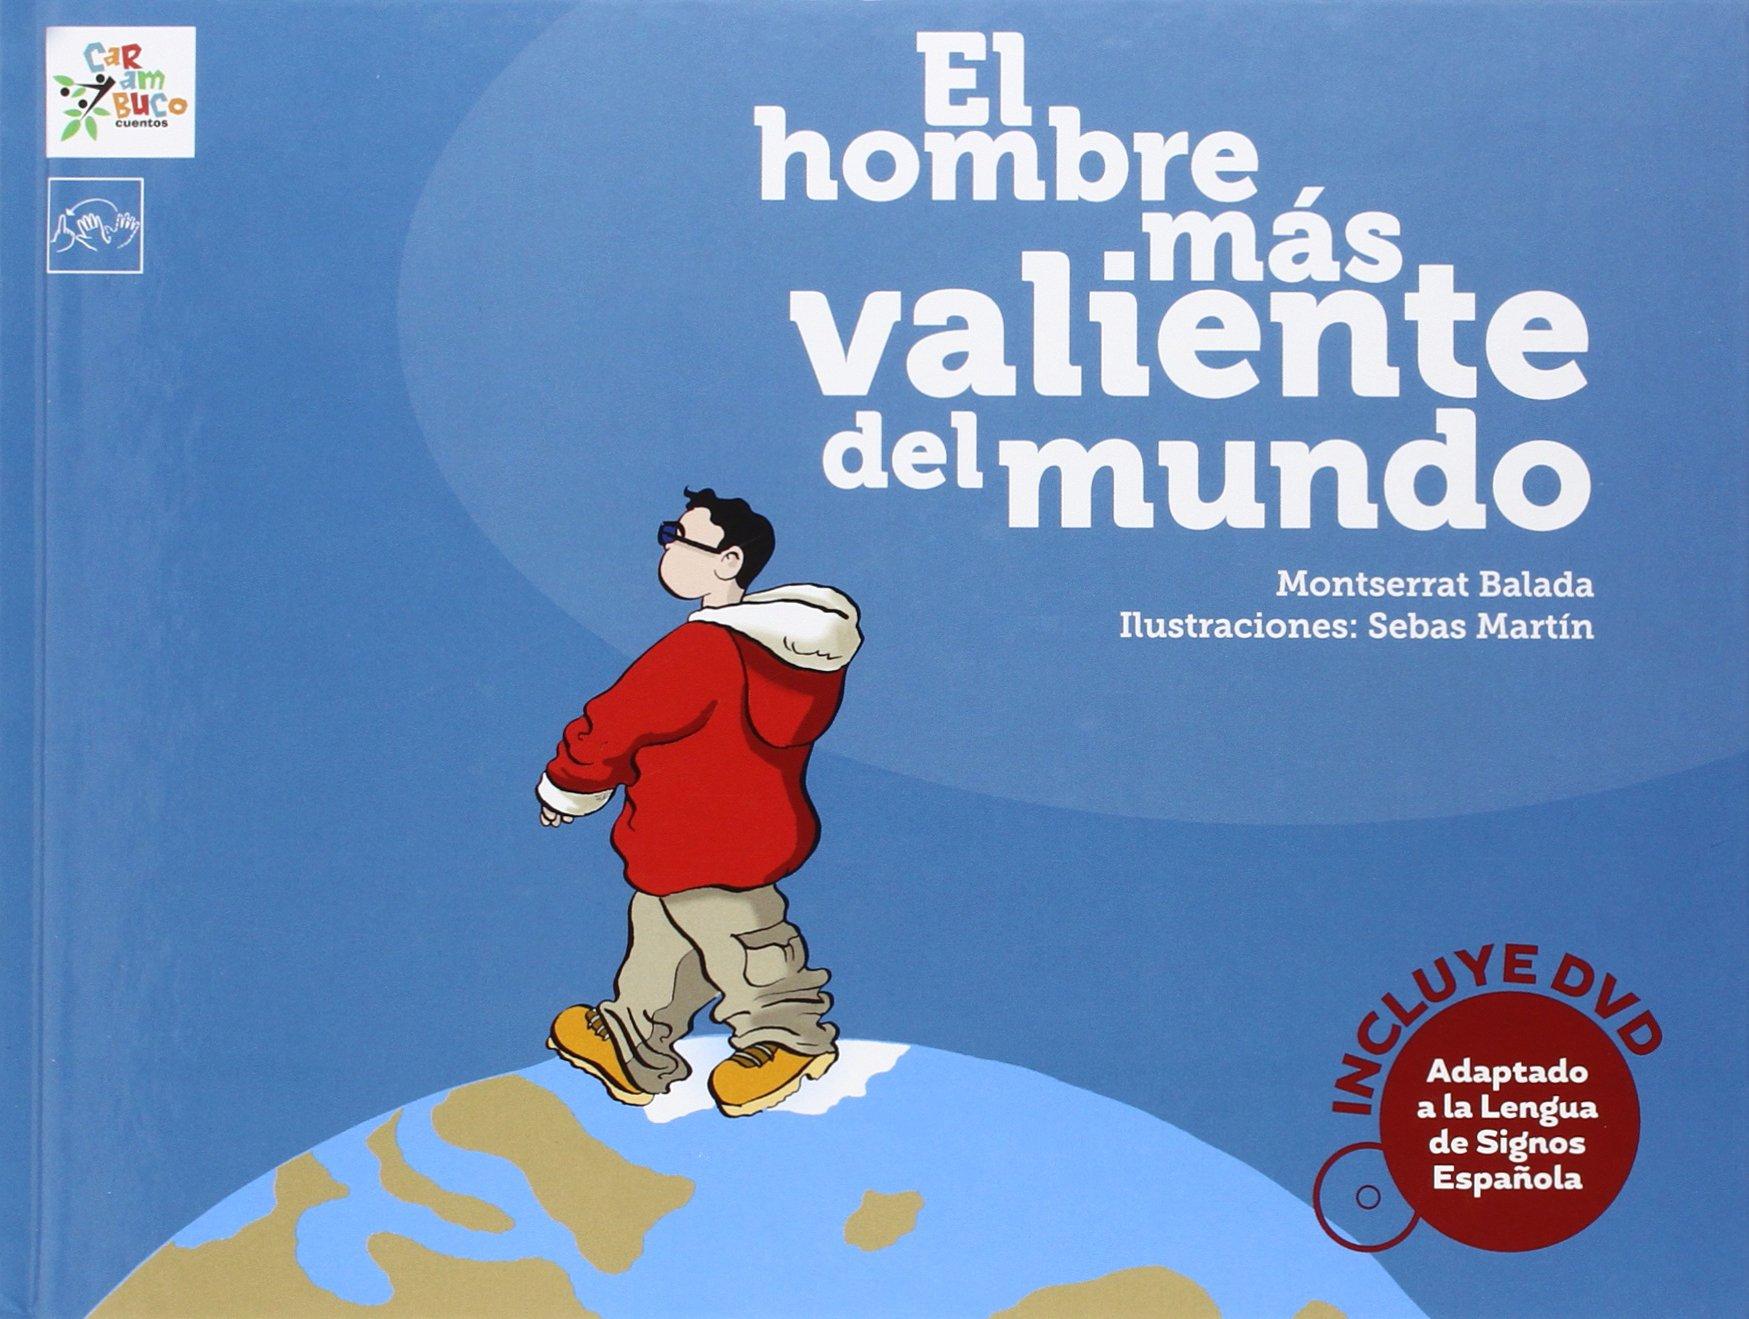 El hombre más valiente del mundo (Carambuco cuentos): Amazon.es: Montse Balada, Sebastián Martín: Libros